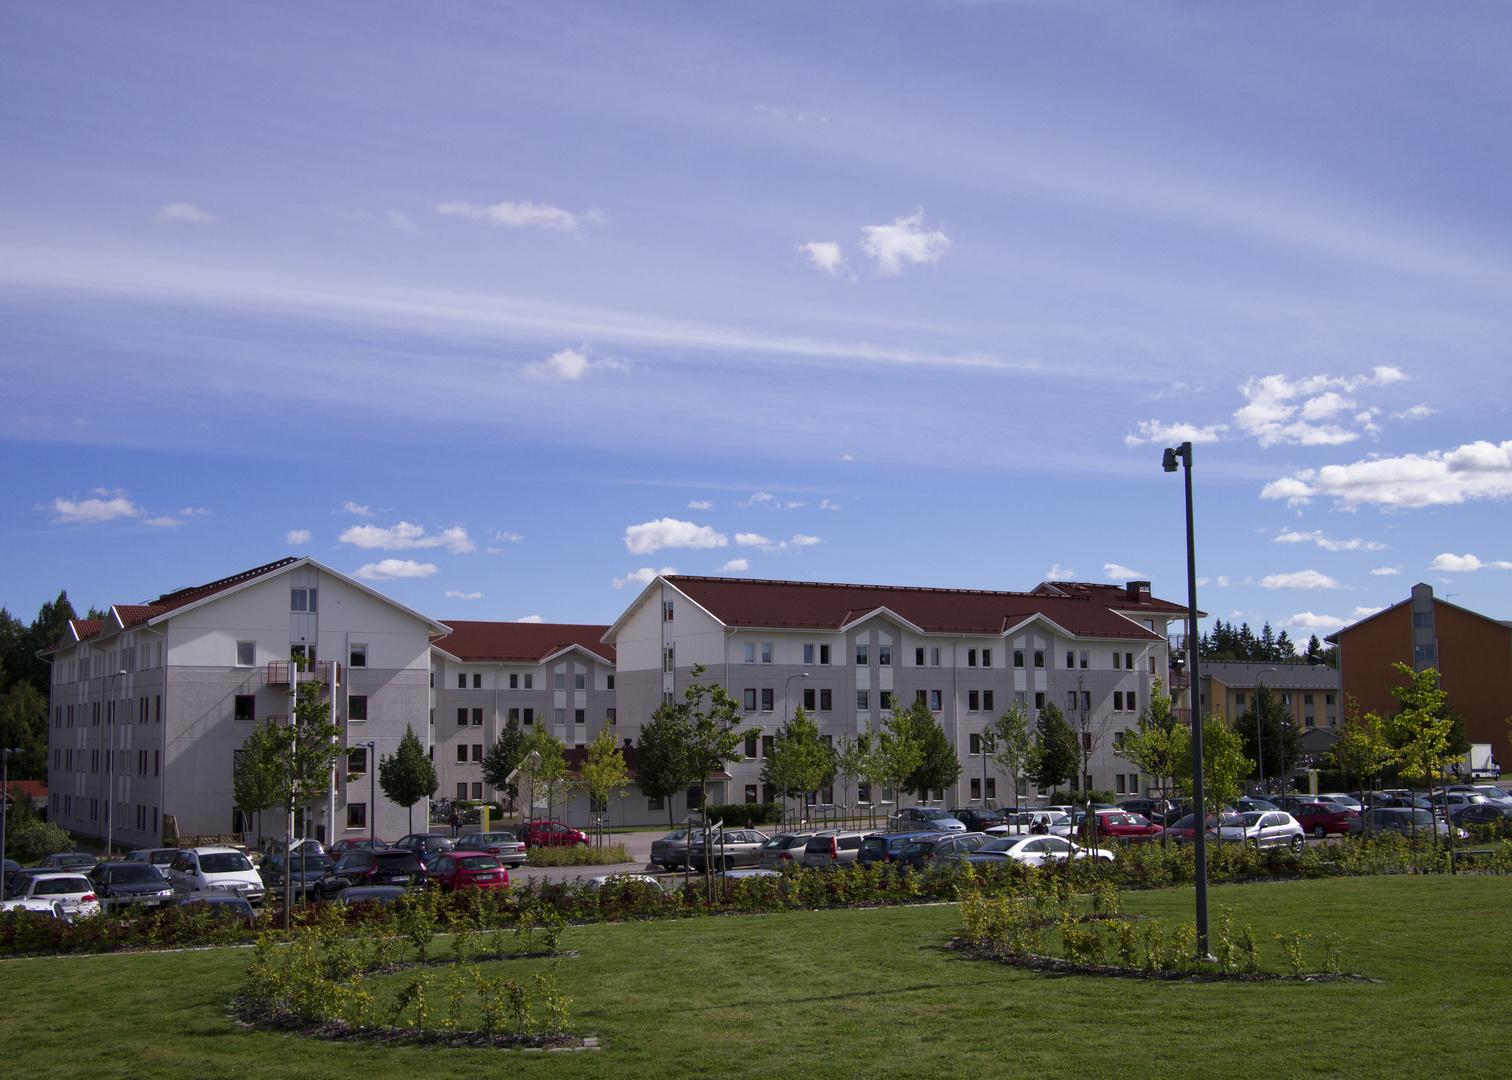 Studentenwohnheime auf dem Campus der Linnéuniversität in Växjö